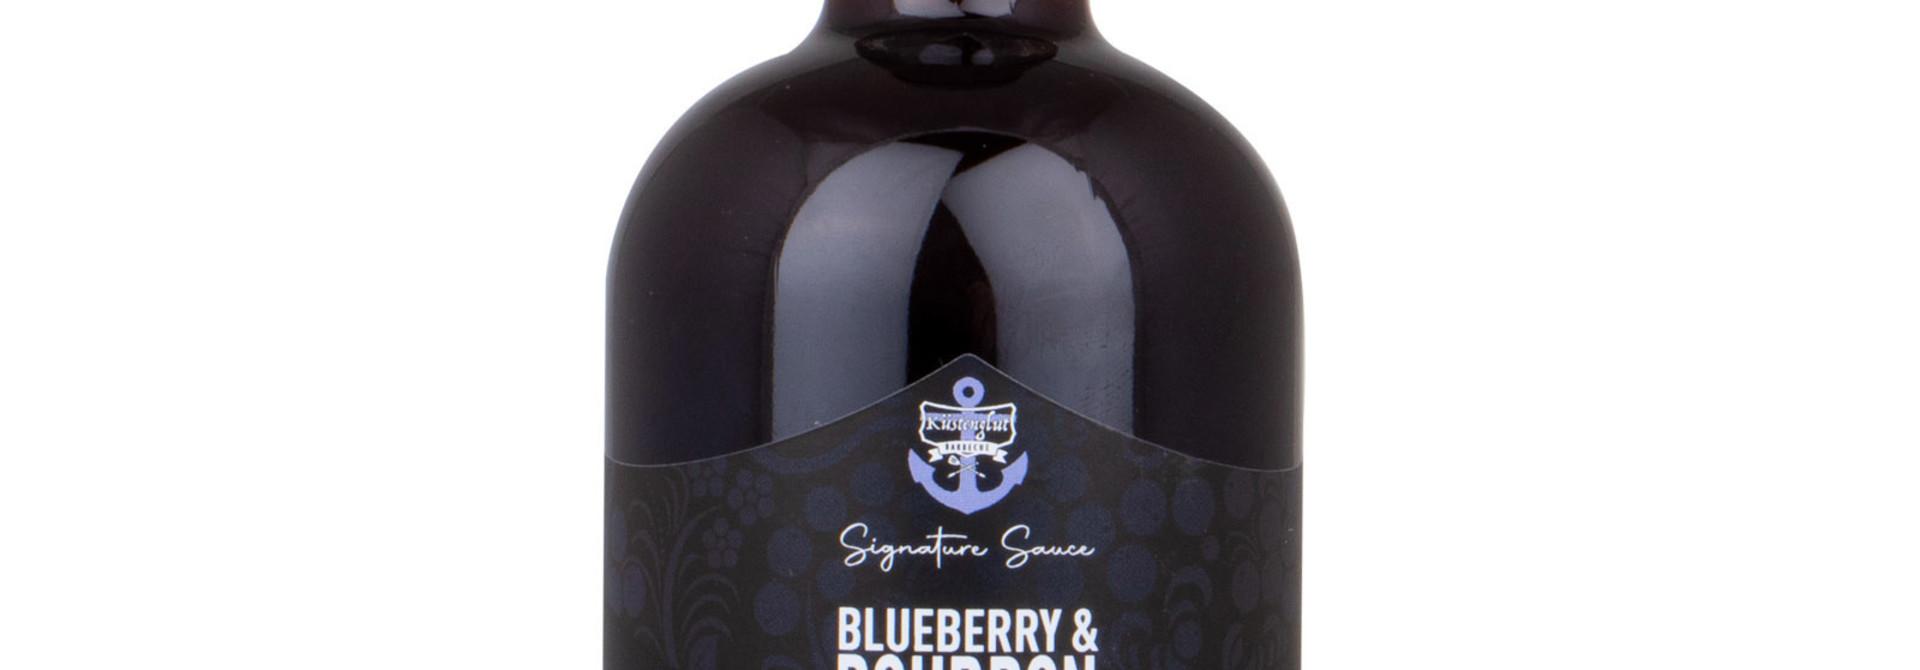 Küstenglut's Blueberry & Bourbon BBQ Sauce